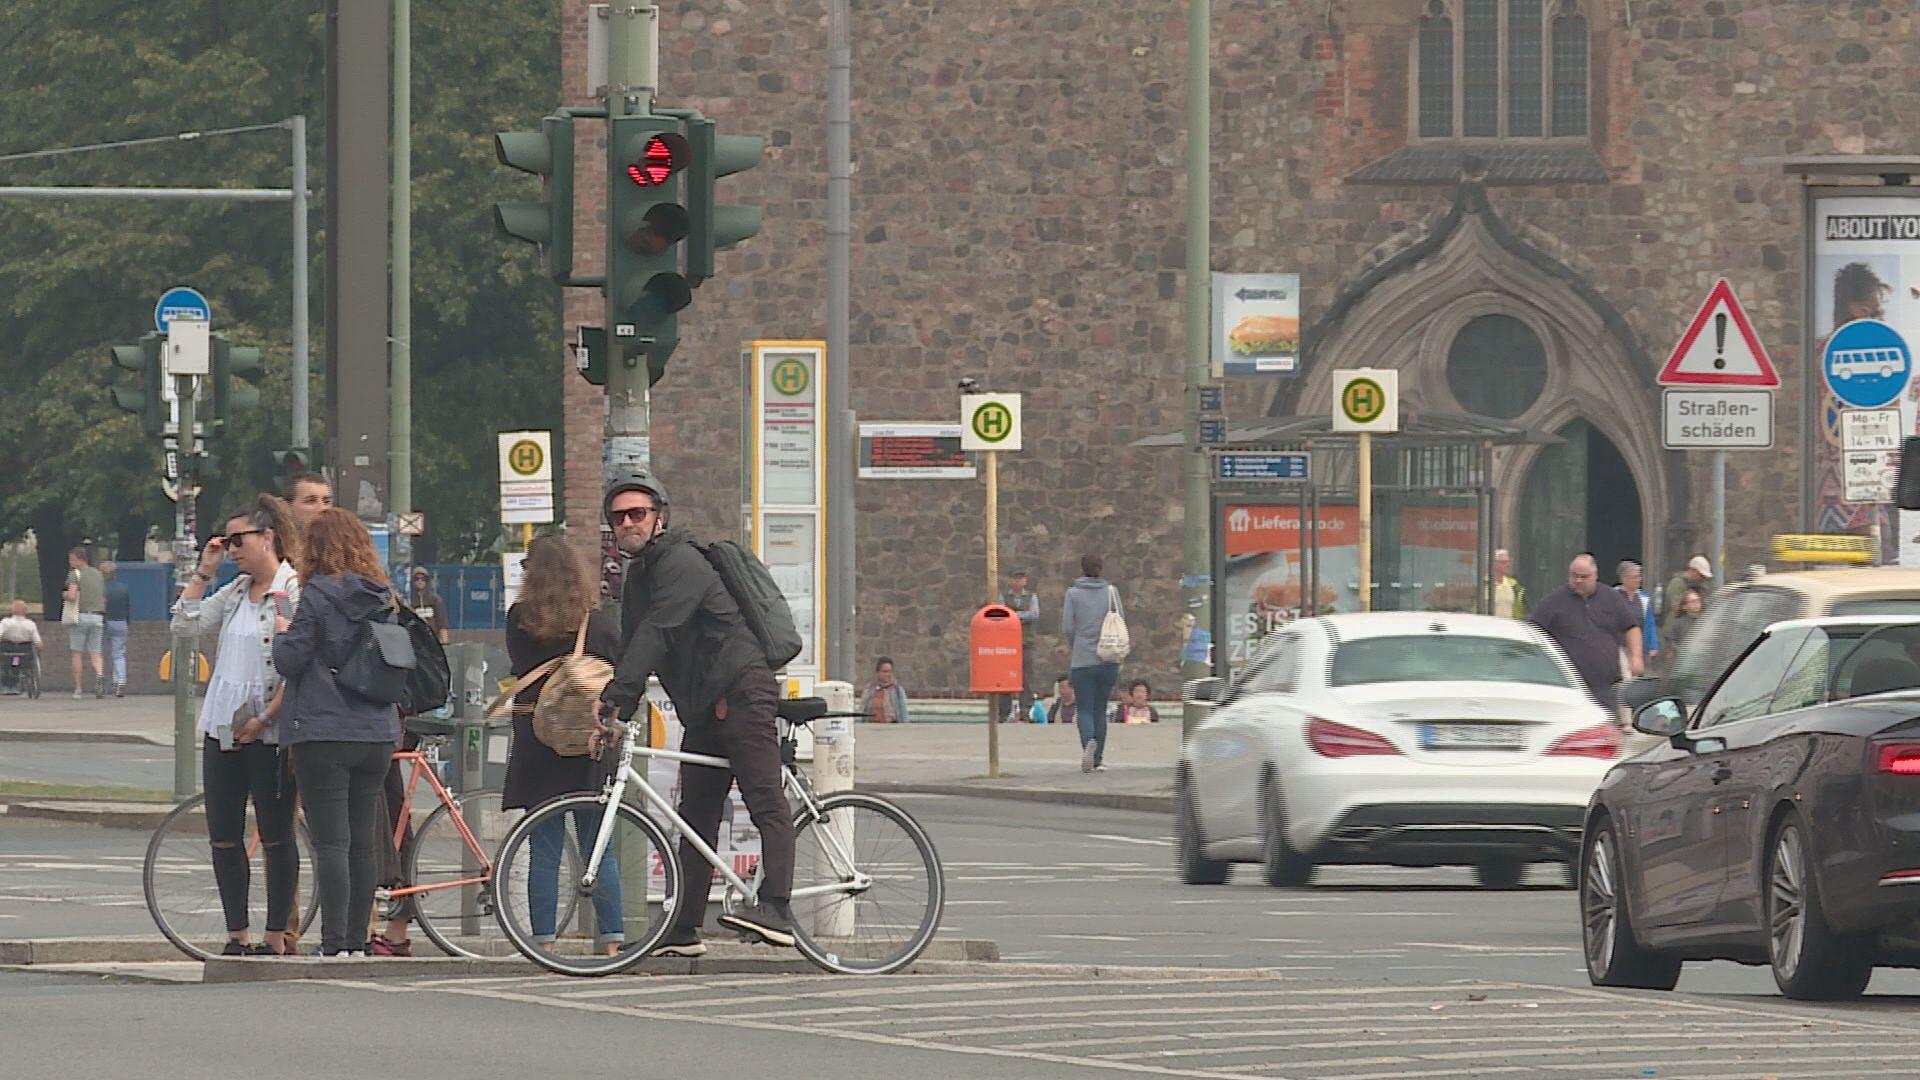 【國家安全為由】波蘭擬禁公營機構用華為產品